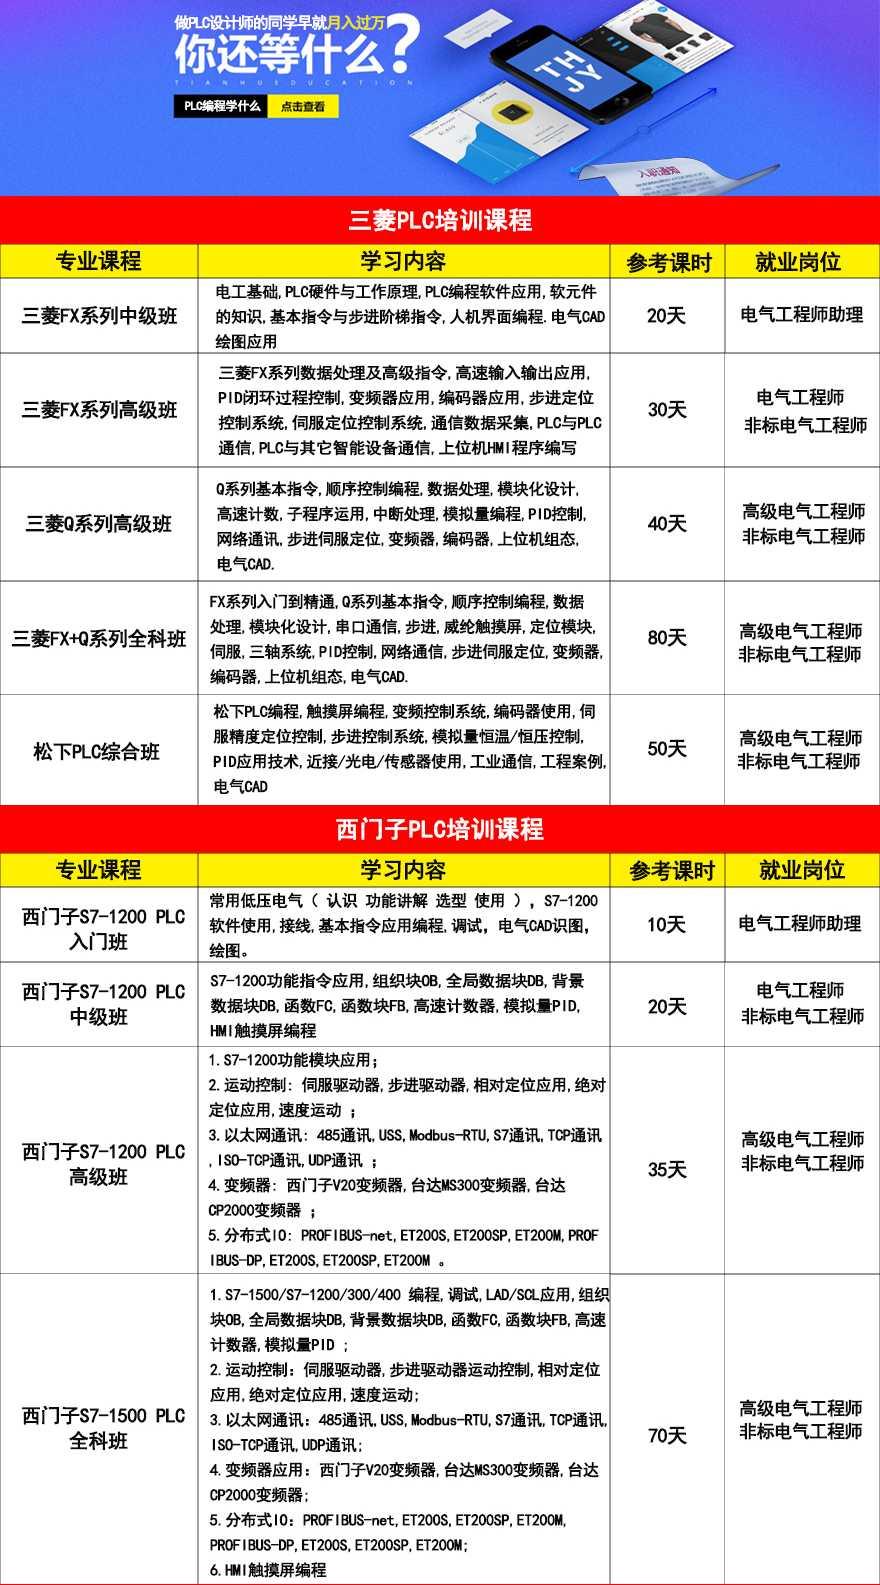 西门子plc培训班_东莞长安哪里有西门子PLC培训学校(4.1.1PLC发展简介?)-东莞 ...